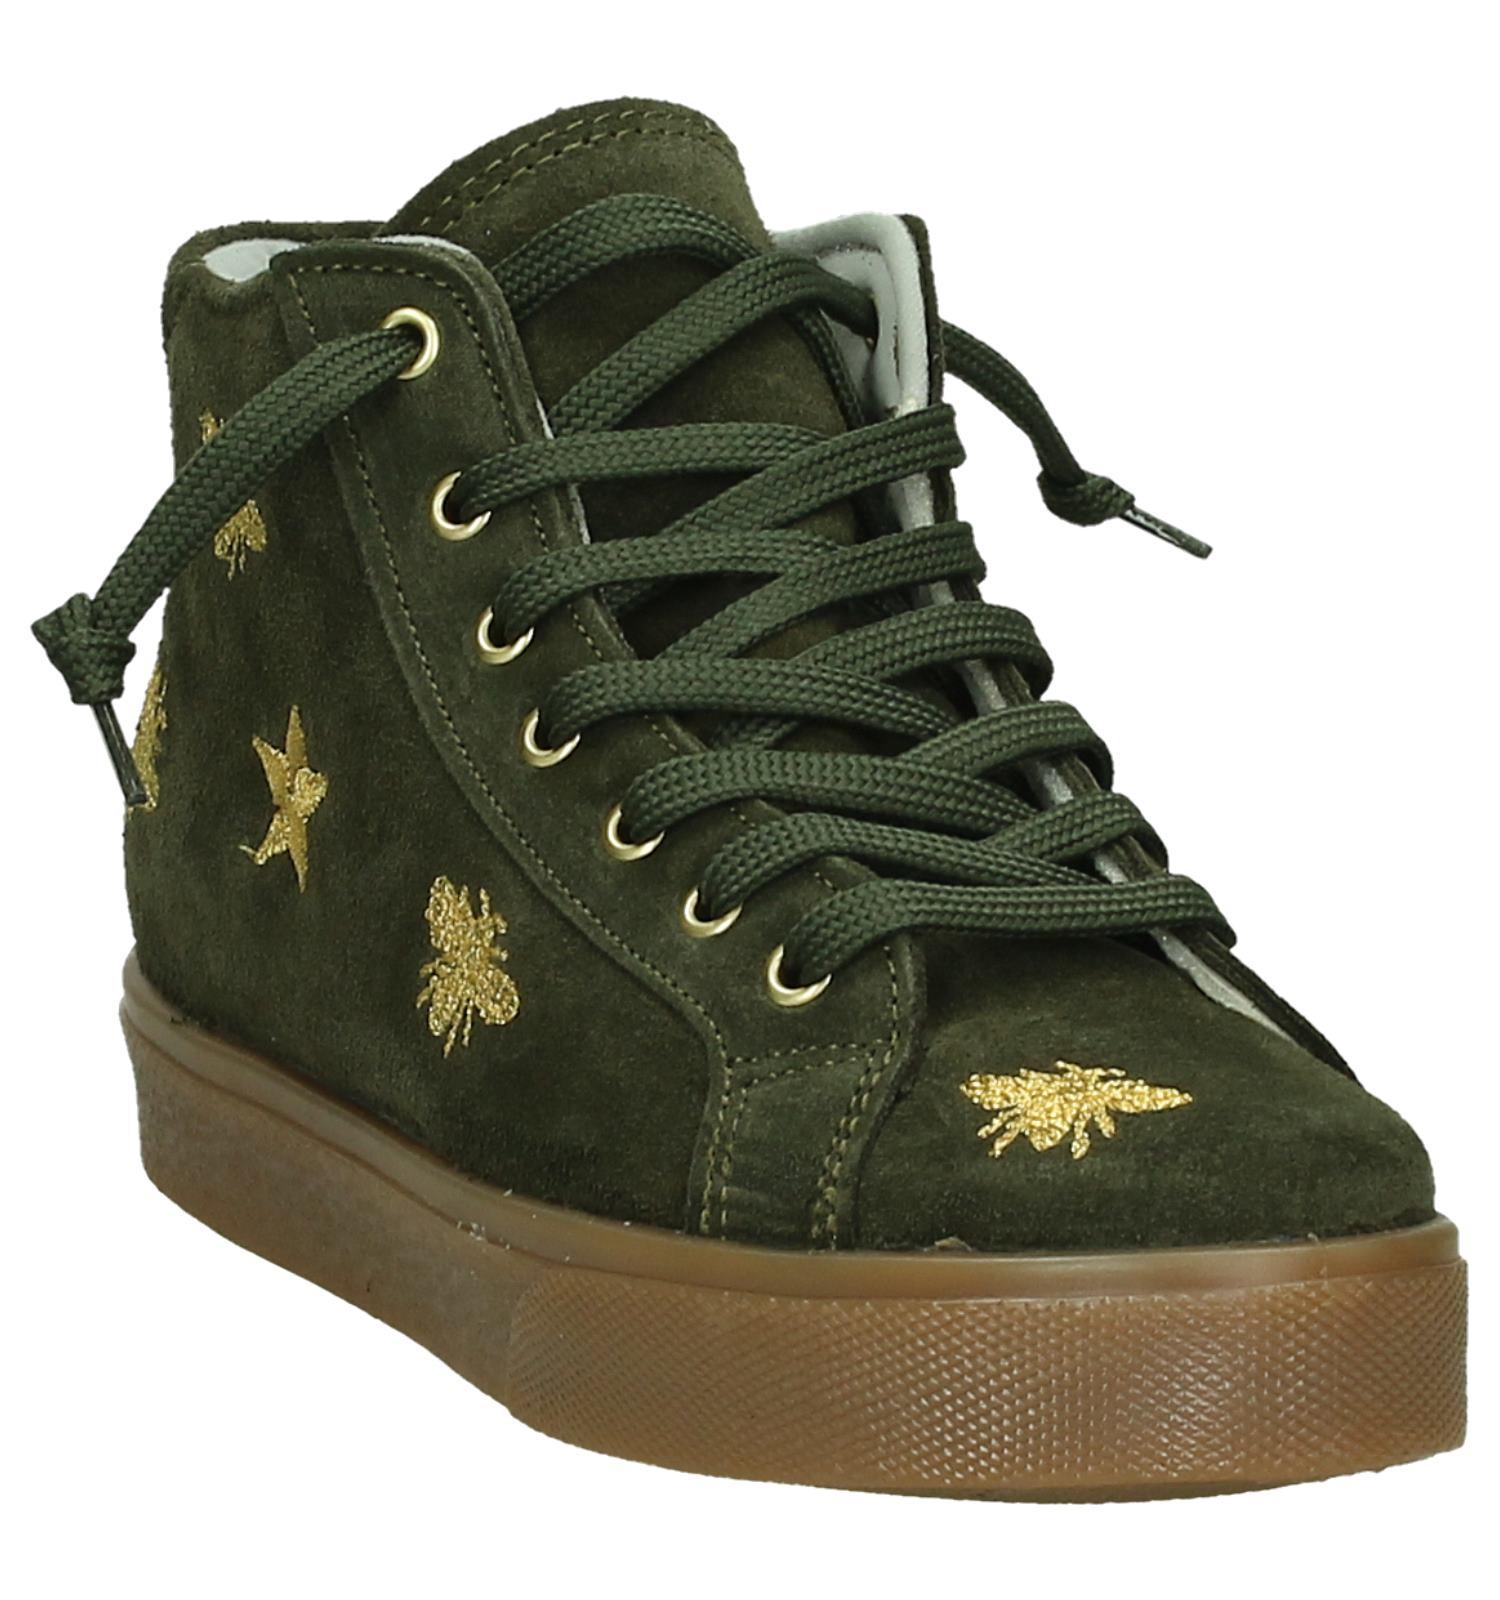 092bece79c0 Hoge Kaki Sneakers Dazzle   TORFS.BE   Gratis verzend en retour